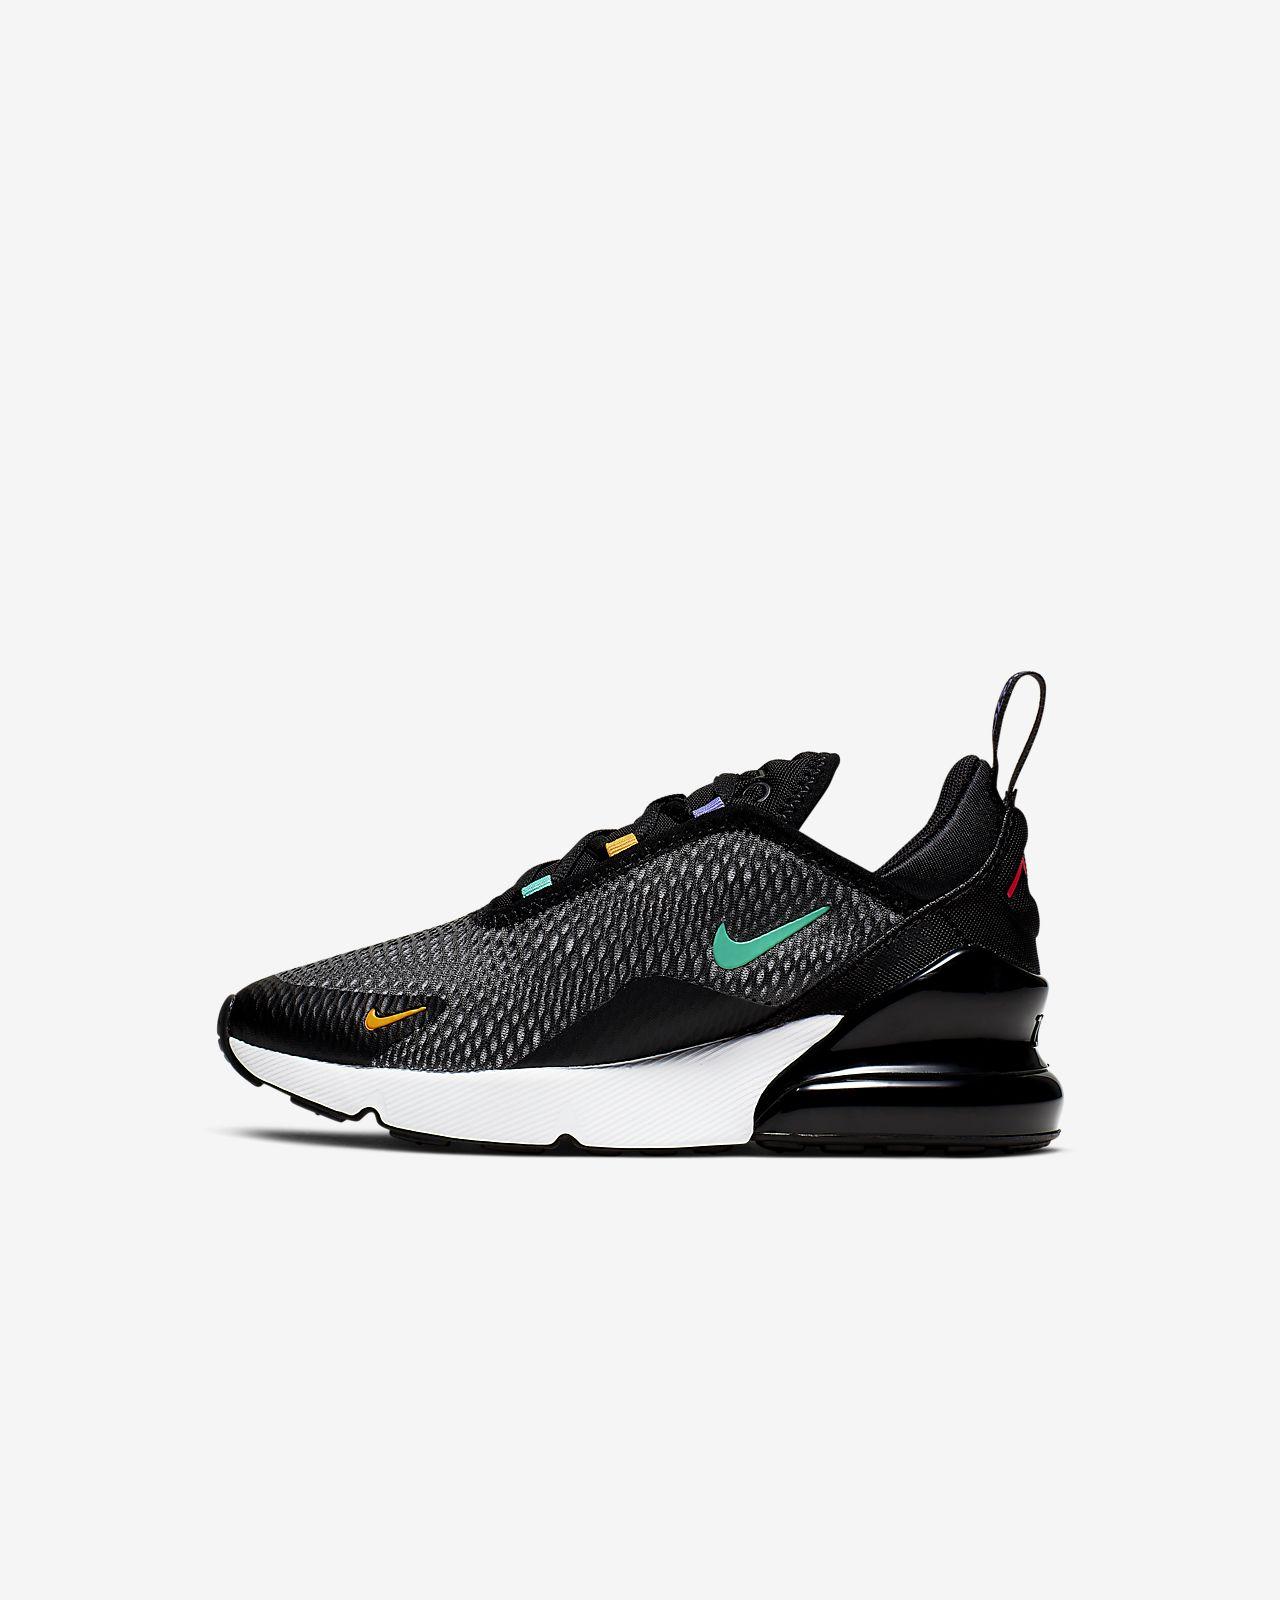 Nike Air Max 270 Game Change-sko til små børn